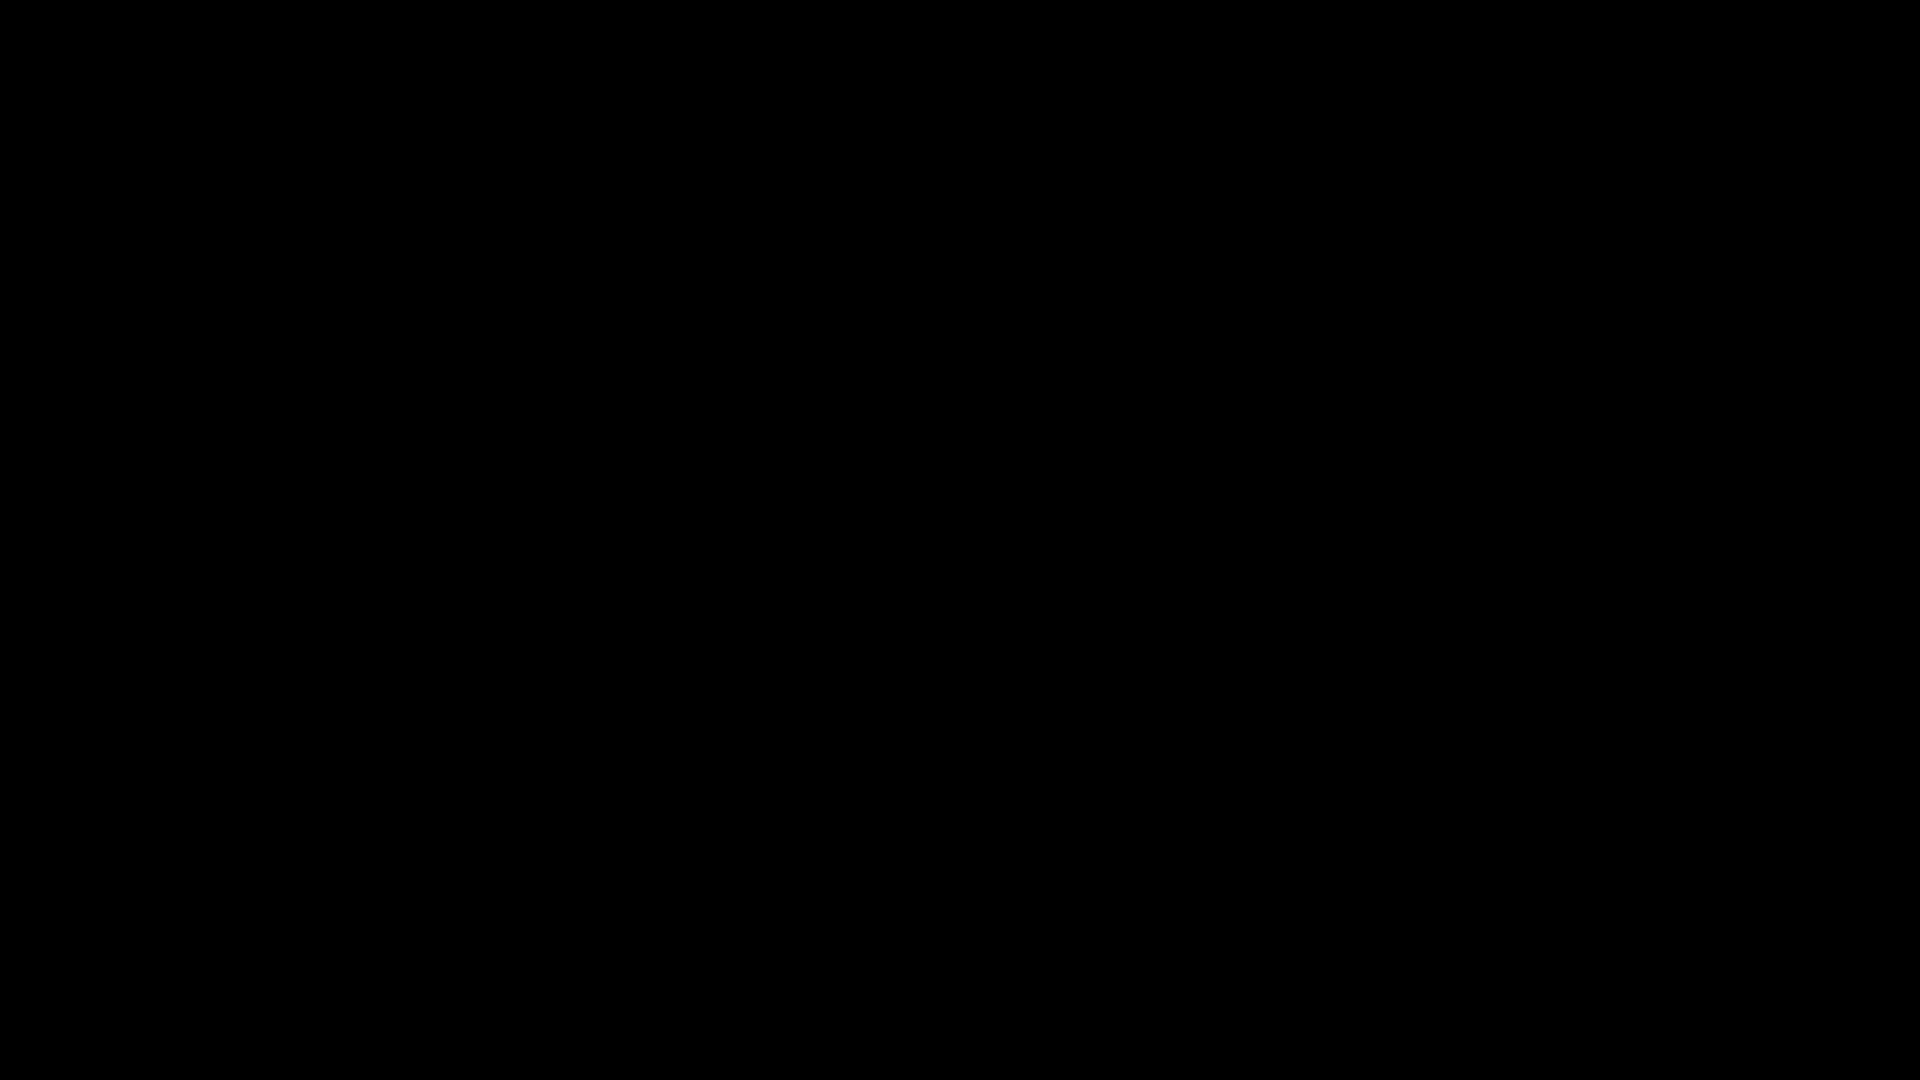 THE 未公開 ~鬼畜イラマチオ~ - 上原亜衣【美乳・ハード系・イラマチオ】